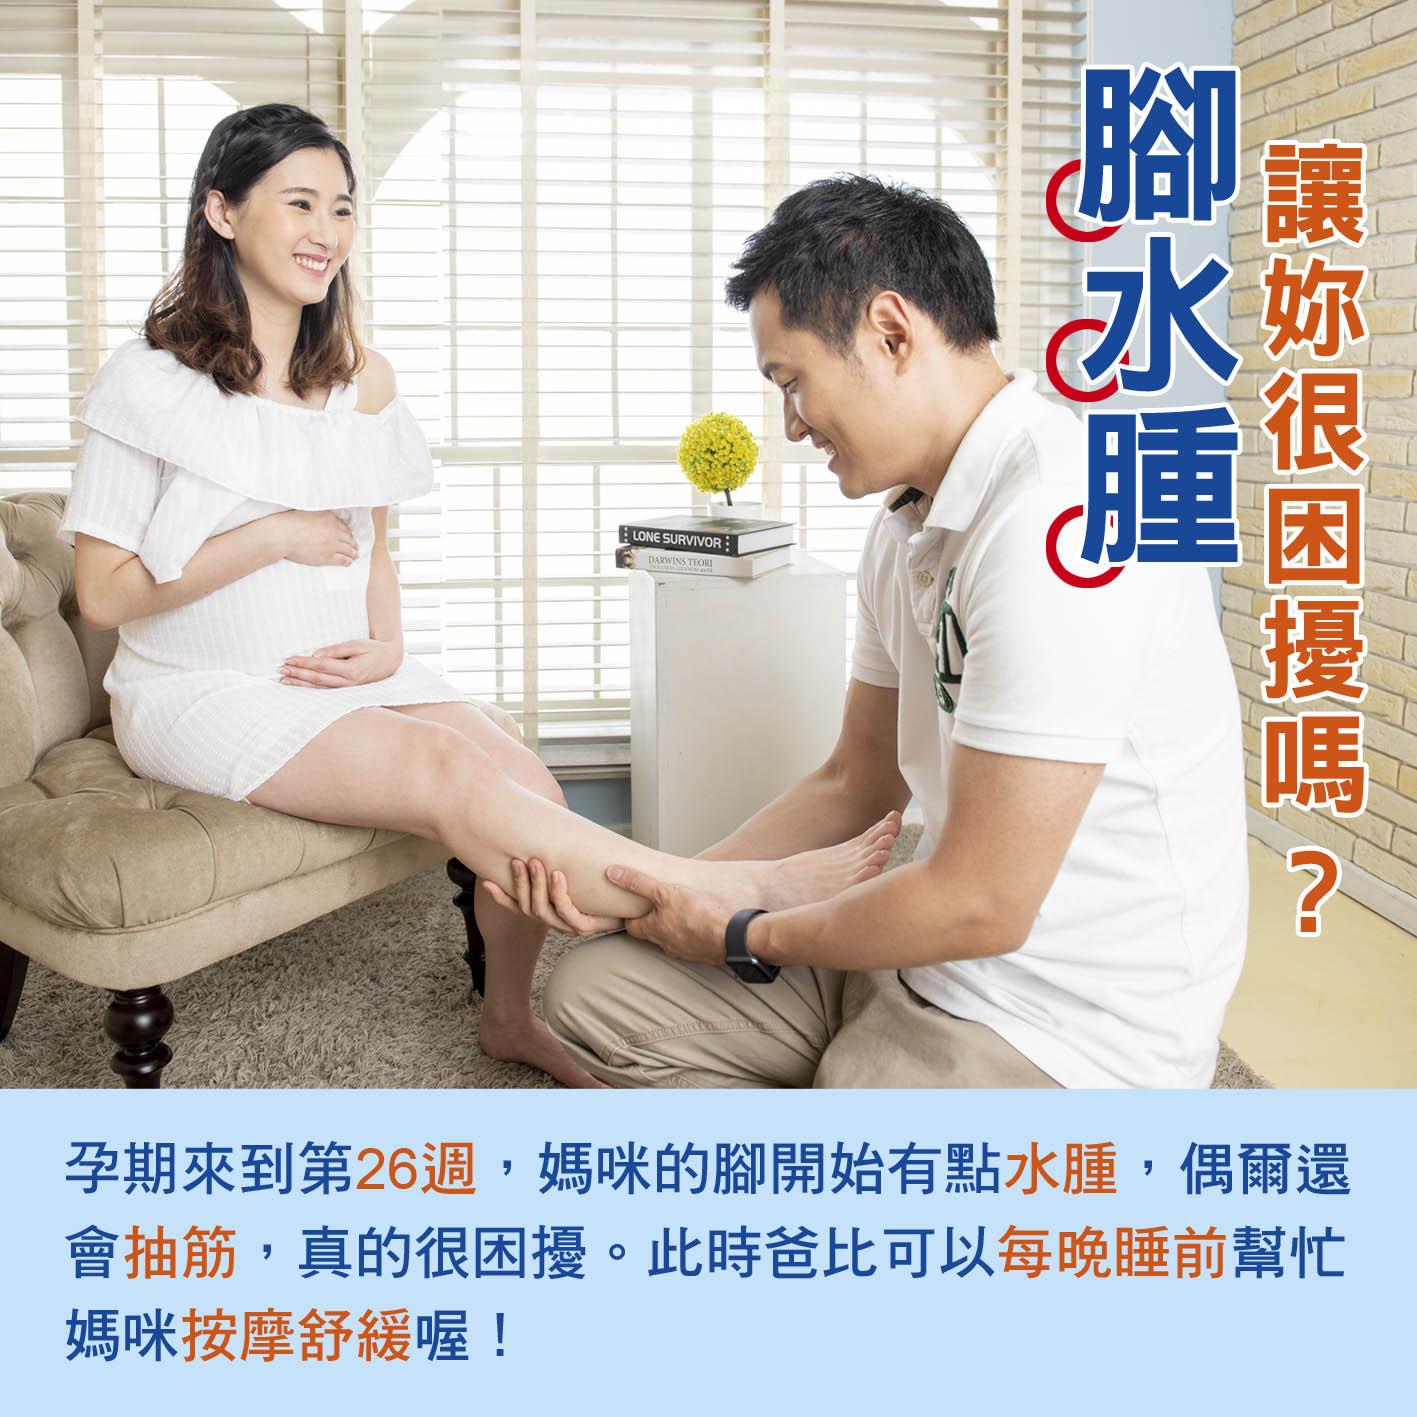 懷孕第26週-腳水腫 讓妳很困擾嗎?